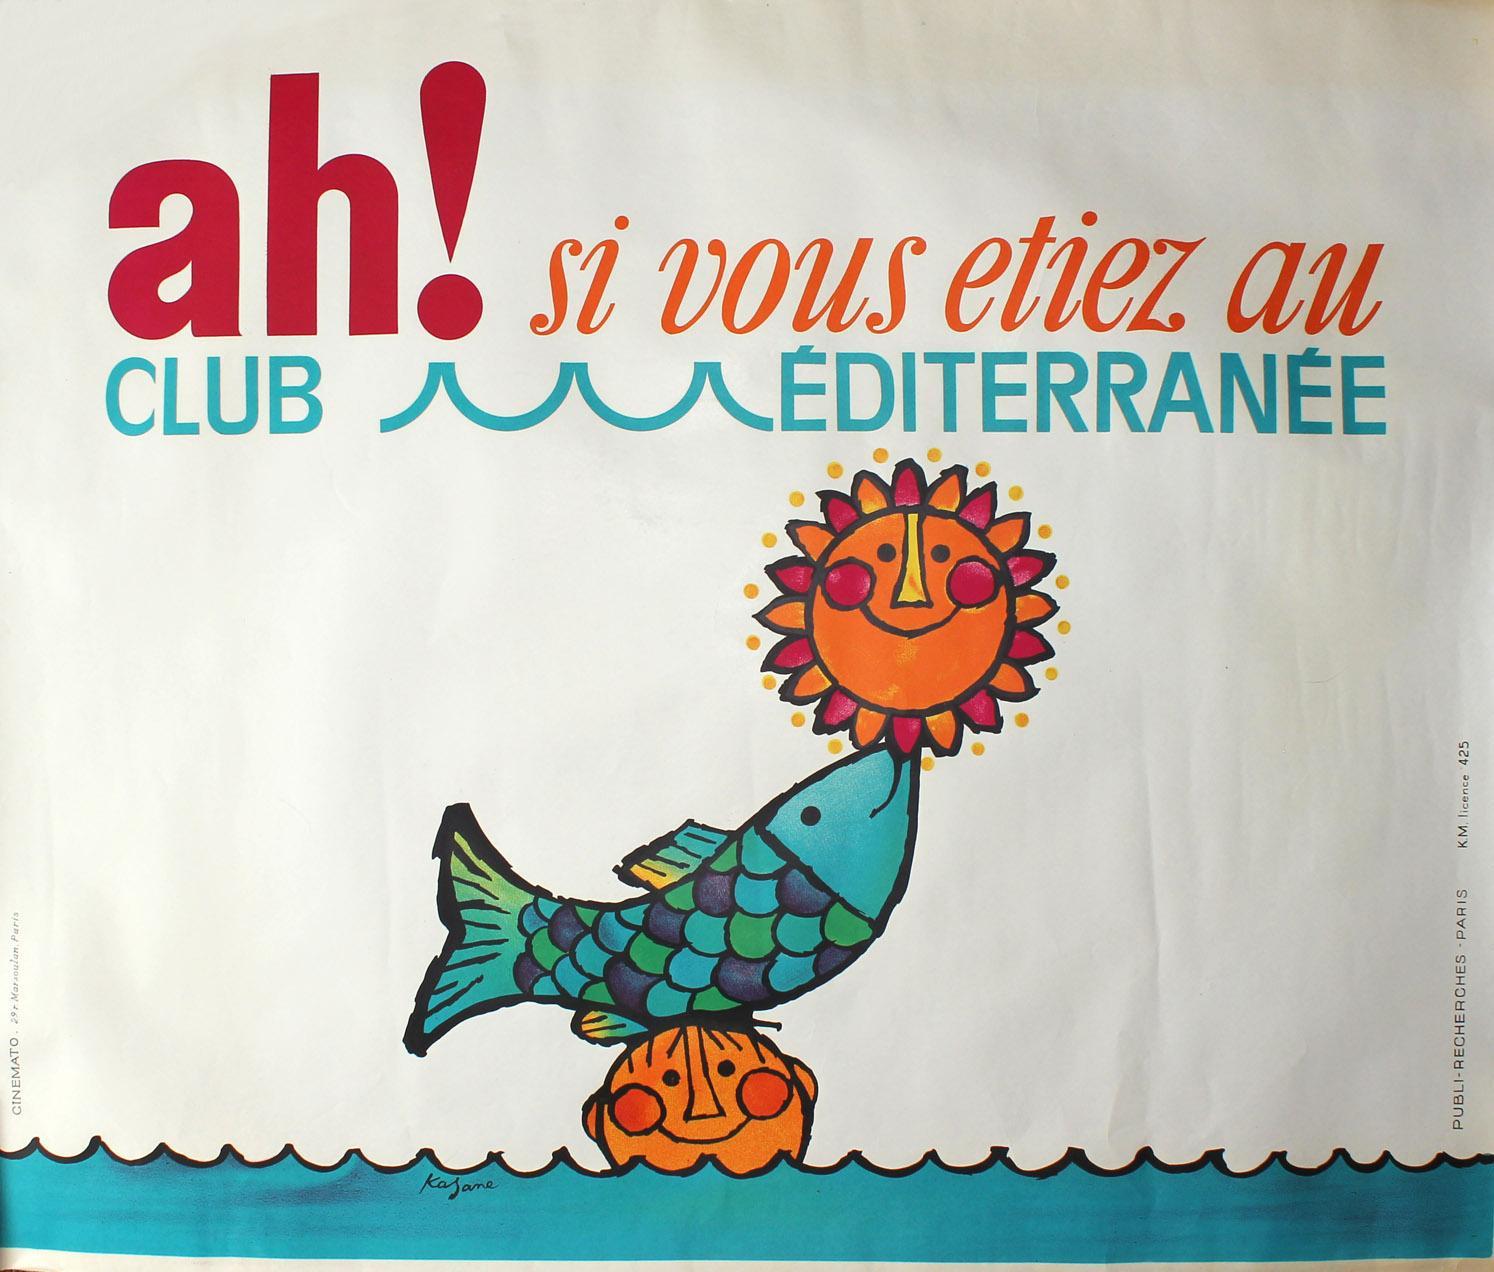 Affiche Club Med, ah si vous étiez au club med